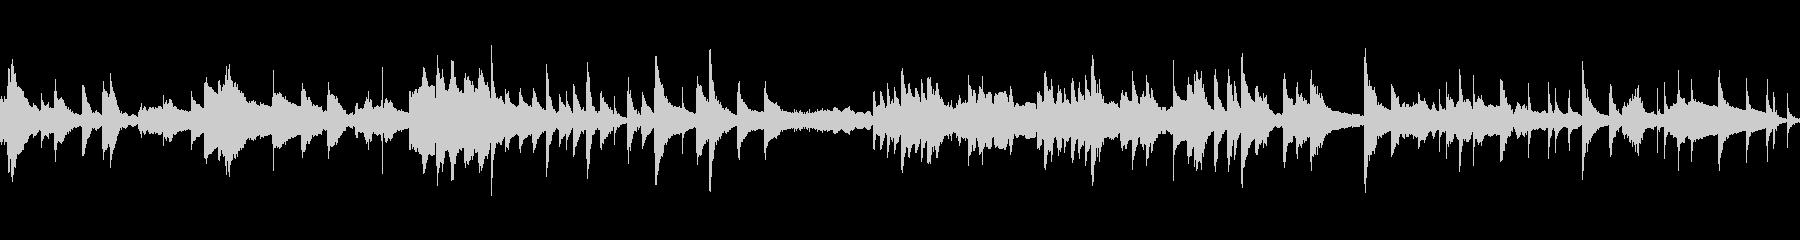 琴と和太鼓が印象的な曲です。の未再生の波形